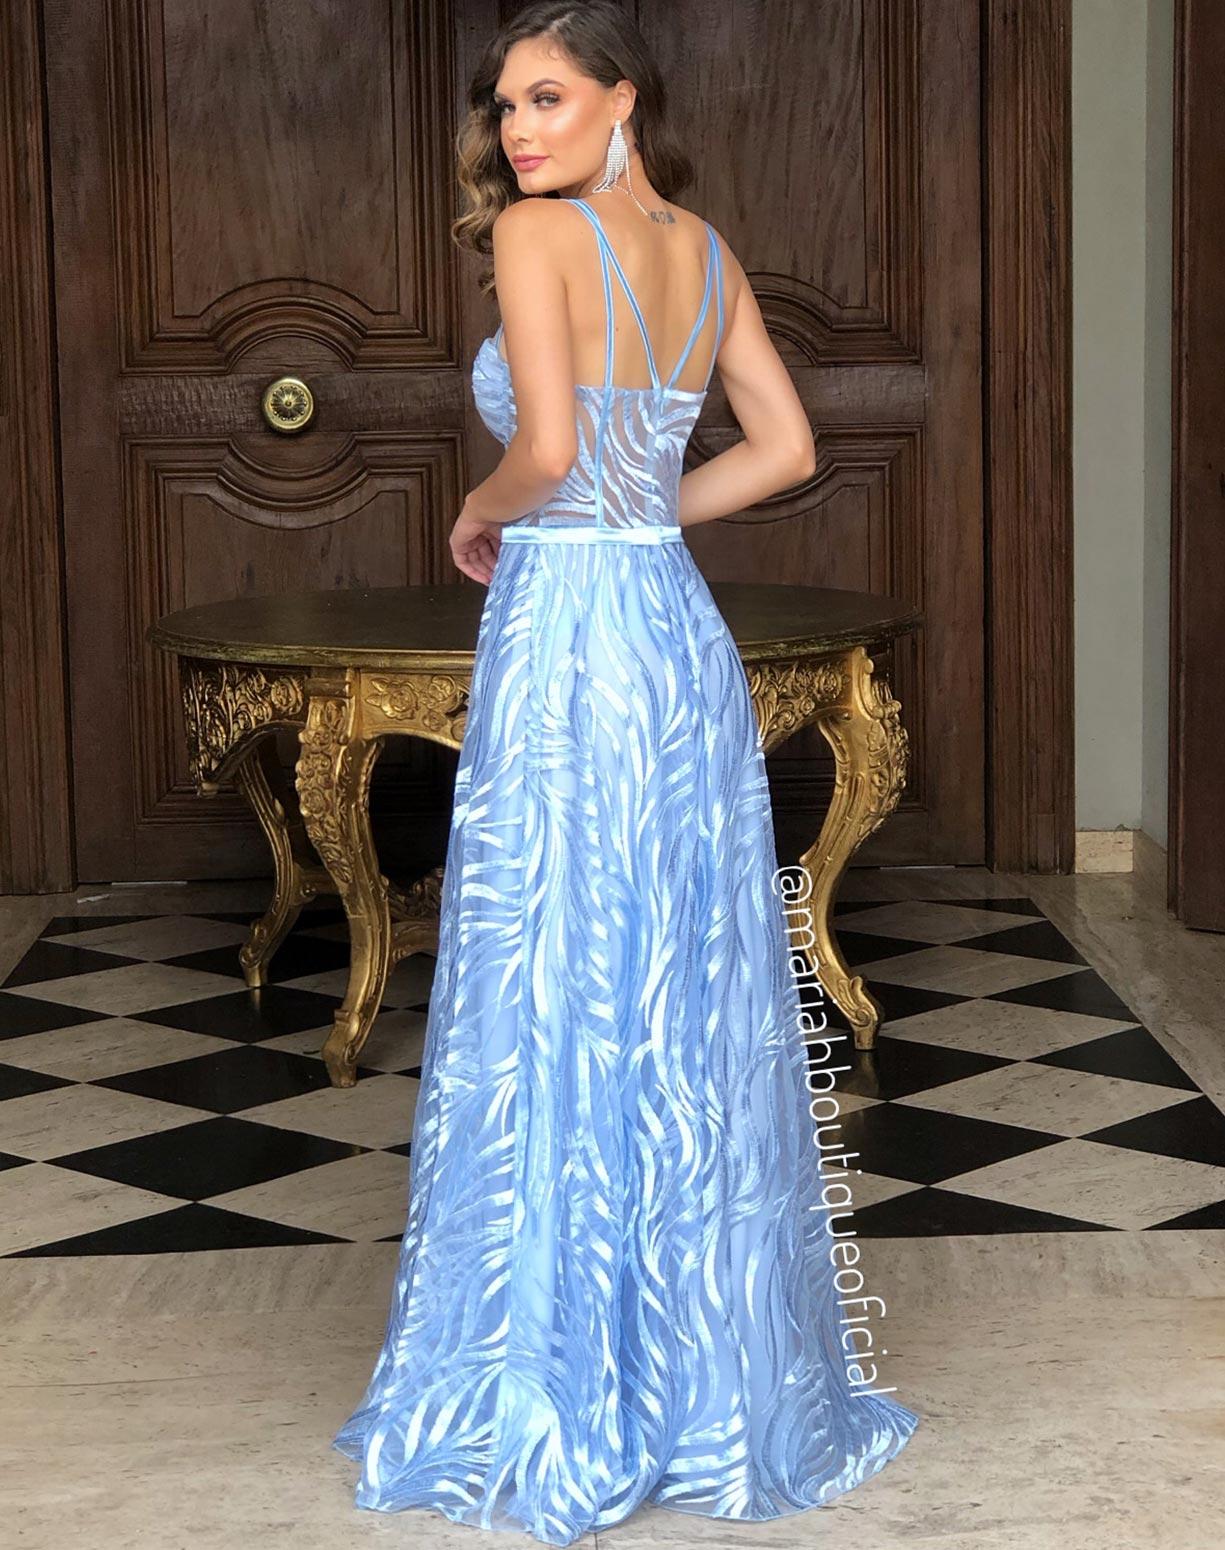 Vestido Azul Serenity com Corpete em Tule Bordado